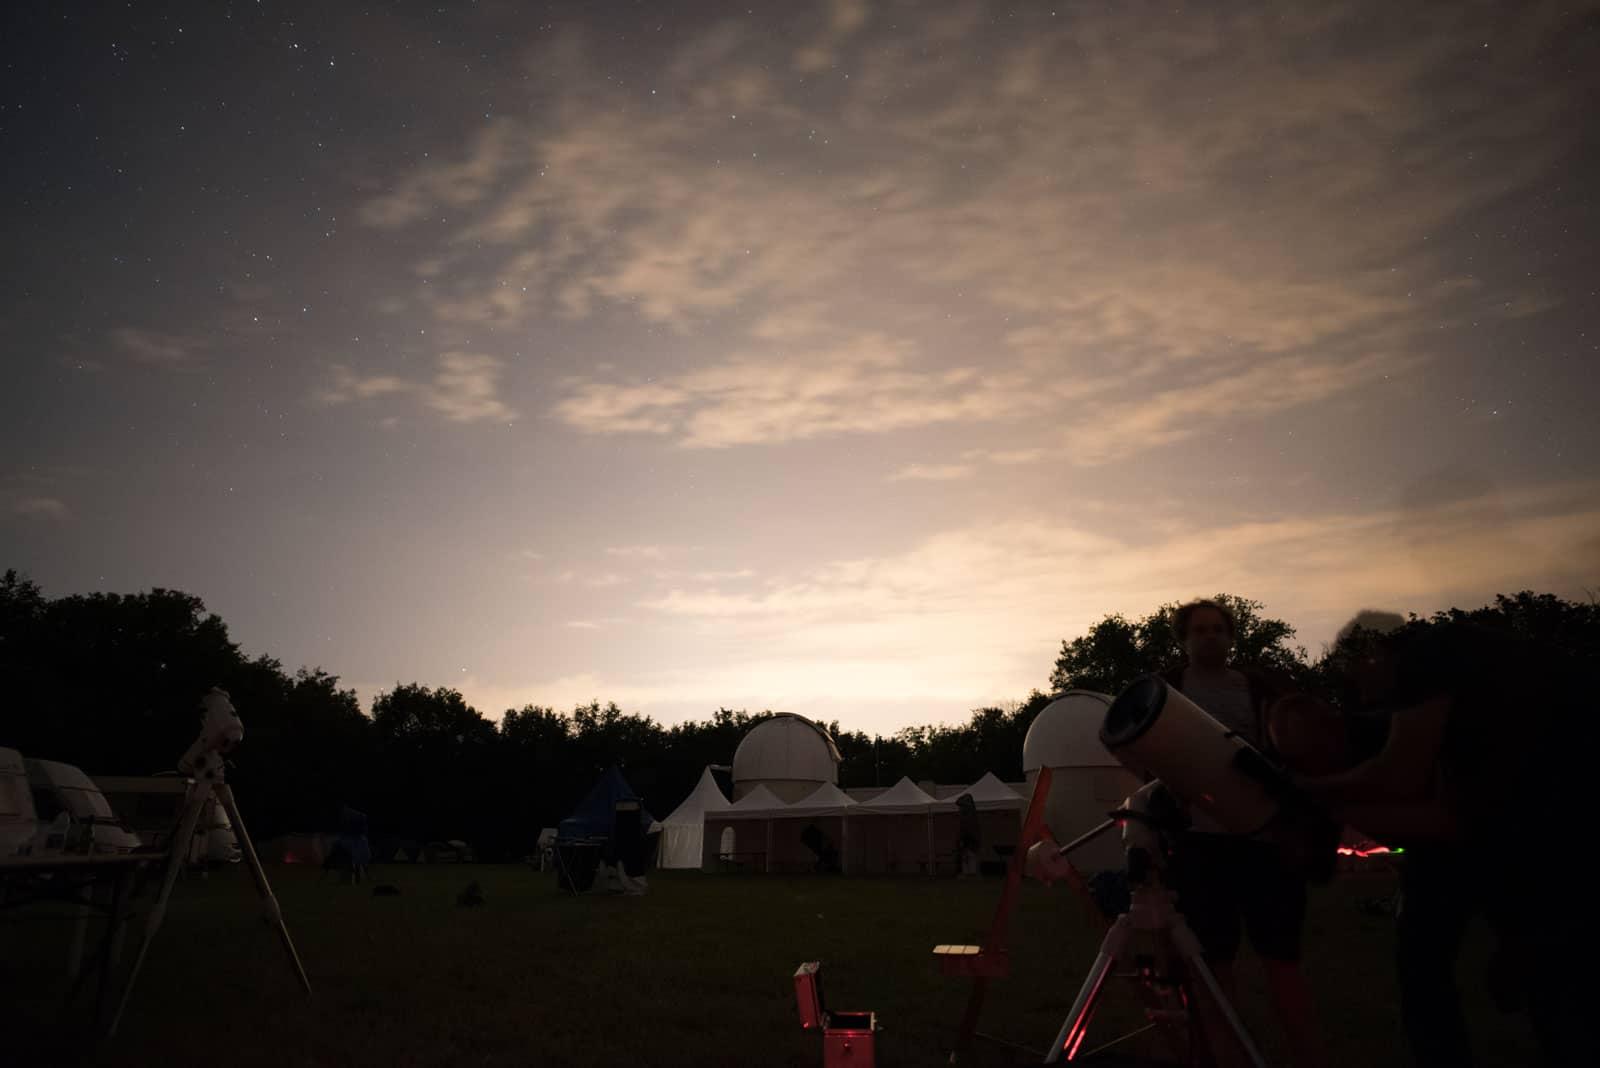 Test du filtre NiSi Natural Night pour l'astrophotographie